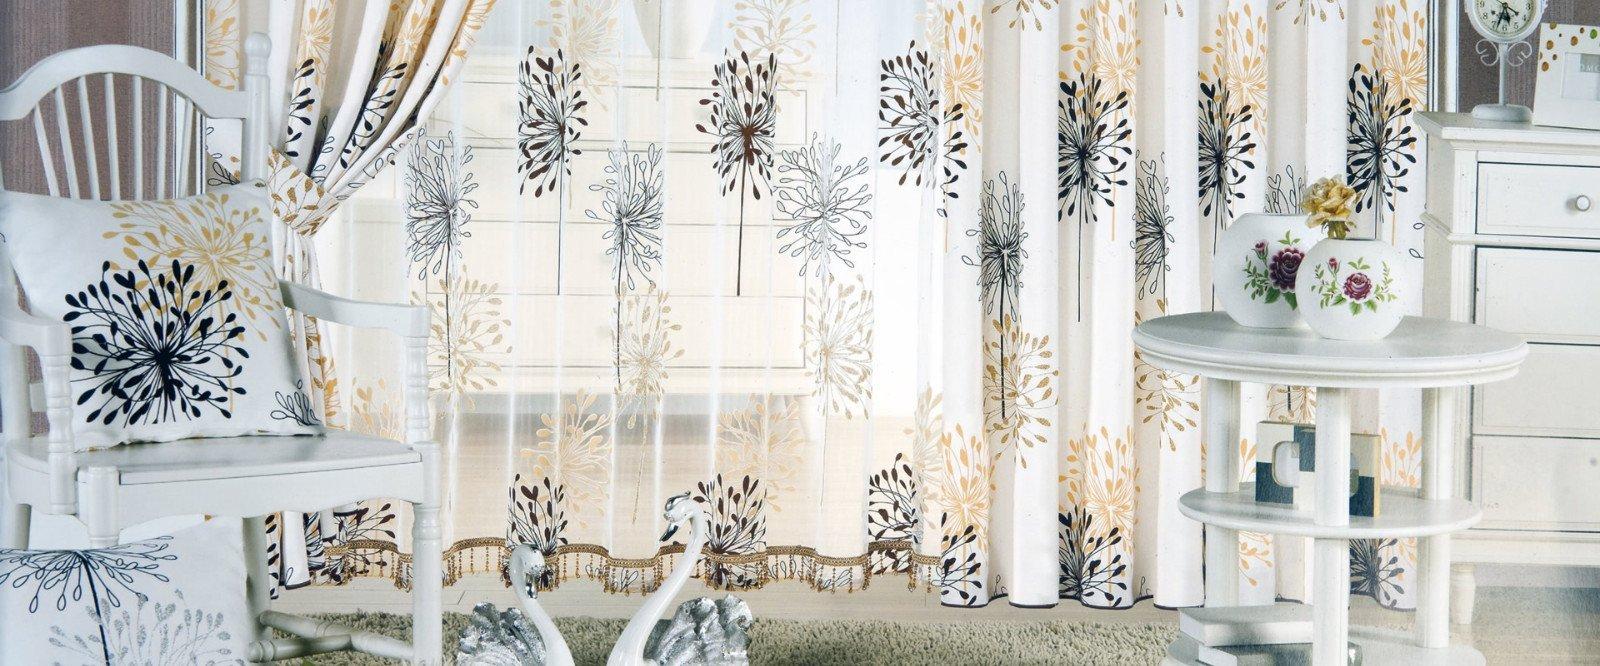 家就是需要一款舒心的窗帘